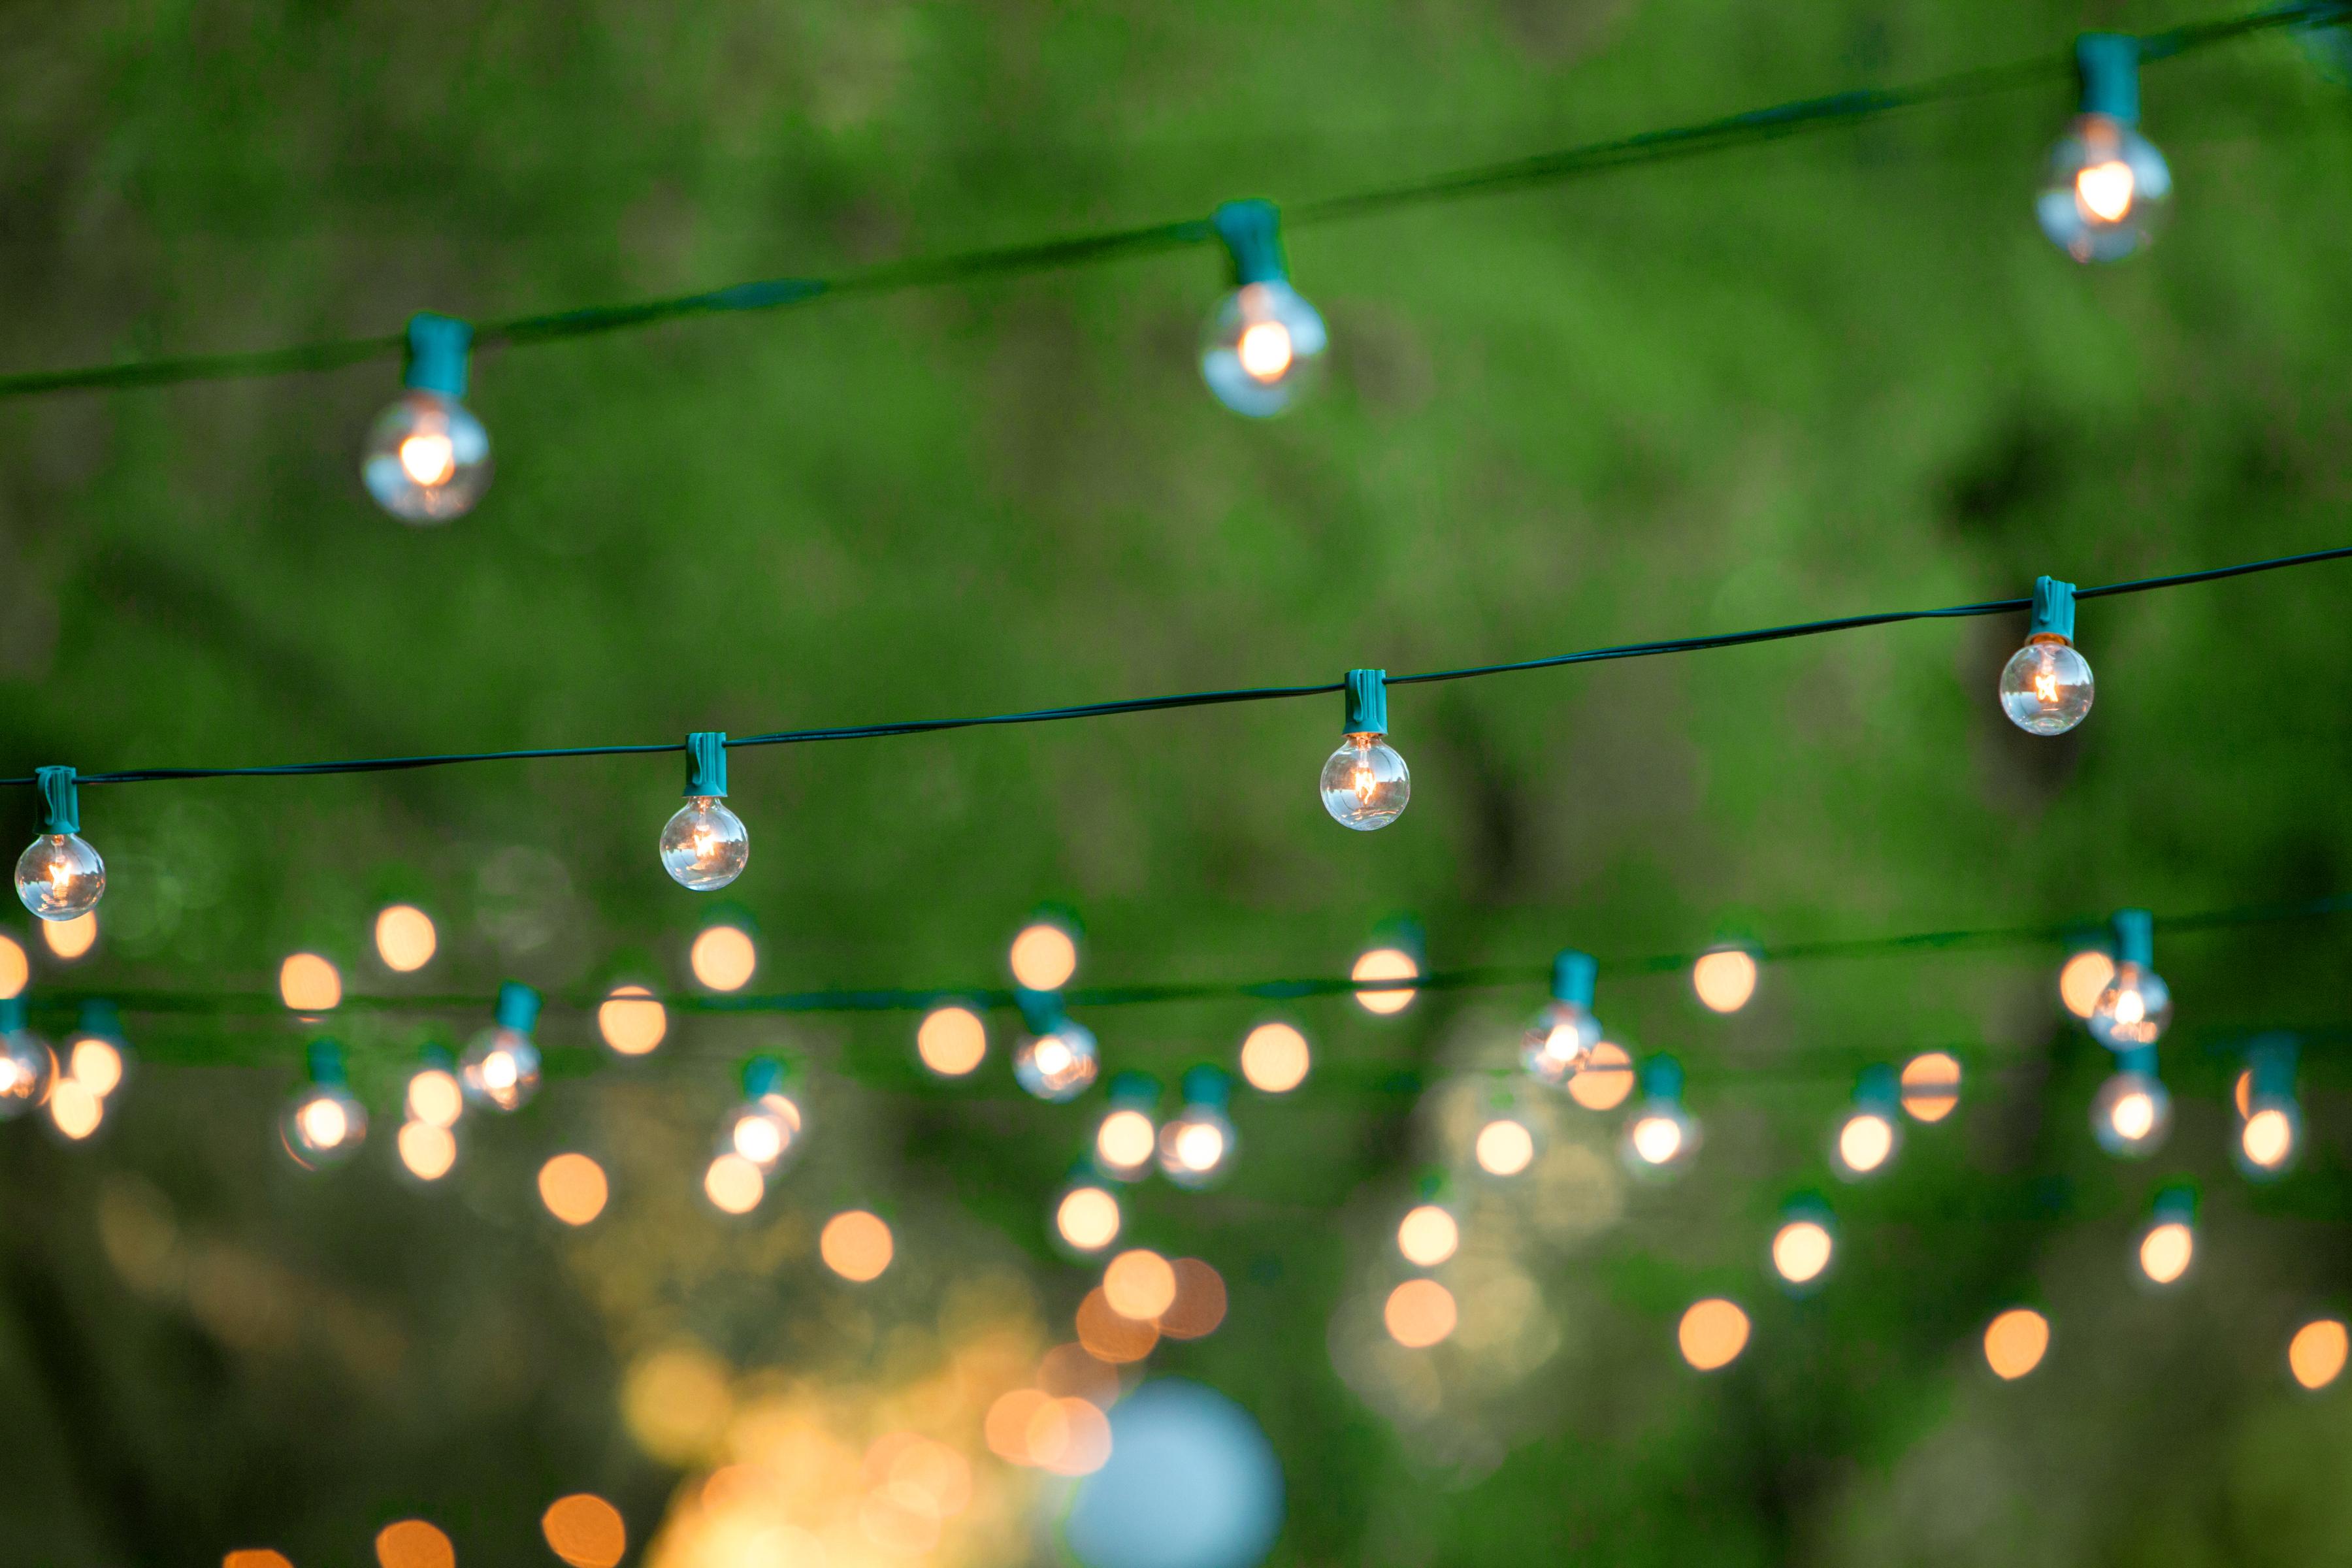 Stimmungsvolle Beleuchtung im Garten